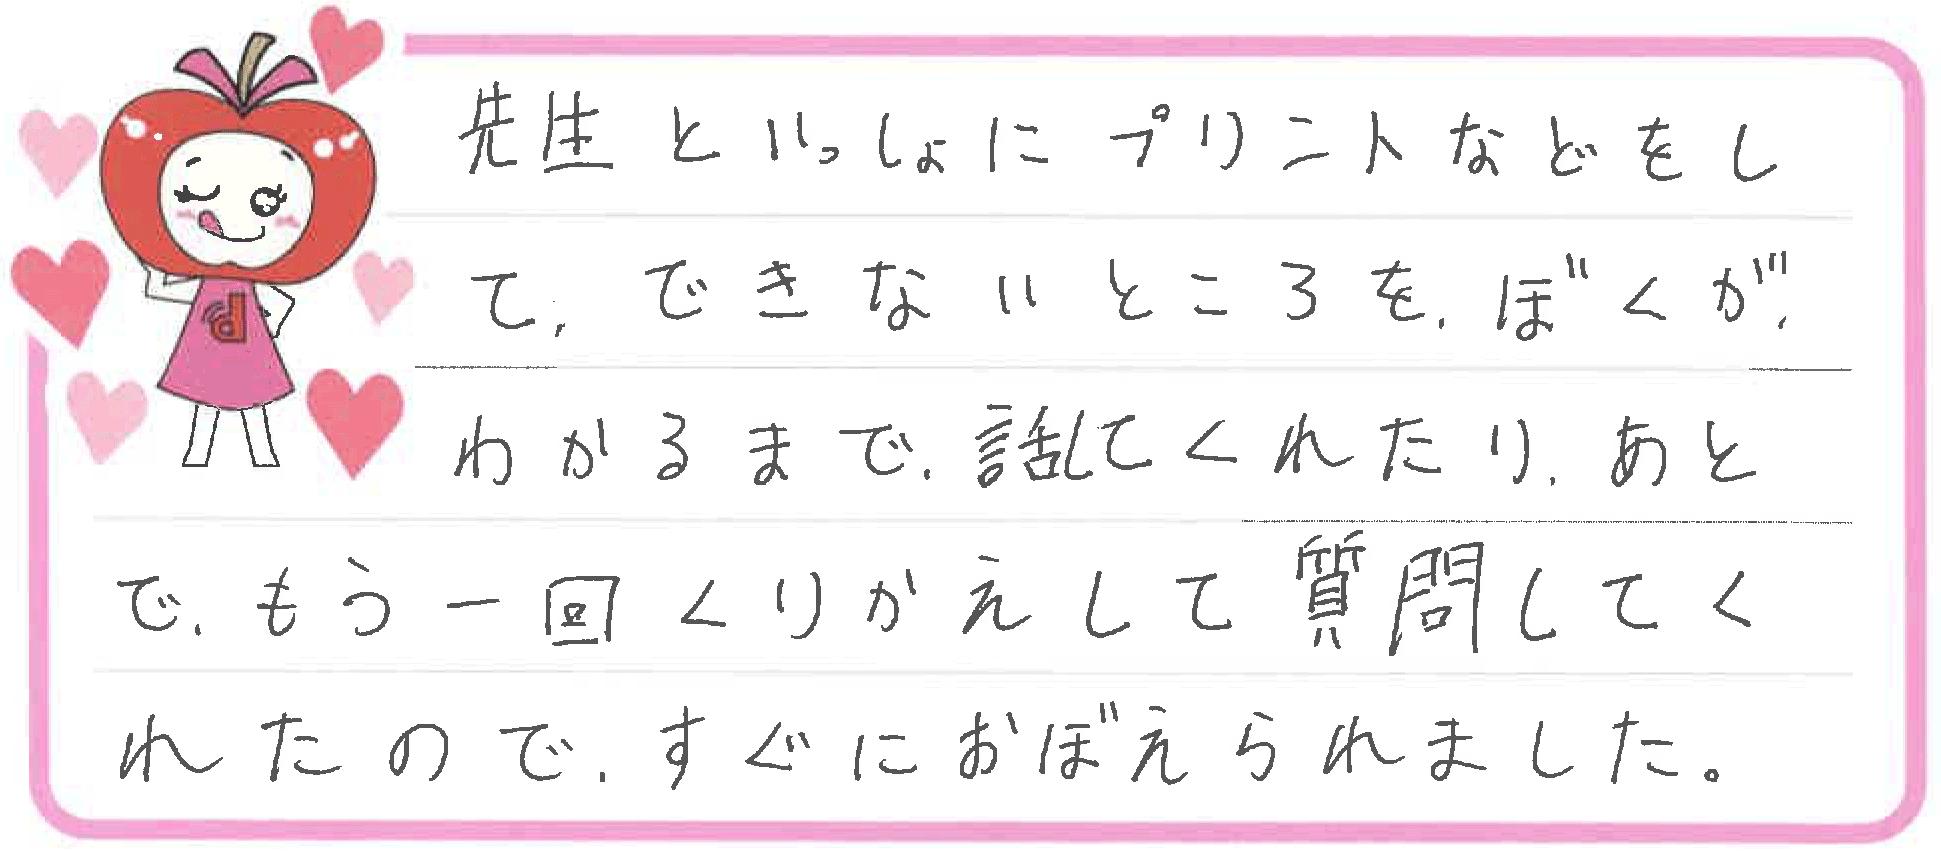 H君(大野市)からの口コミ